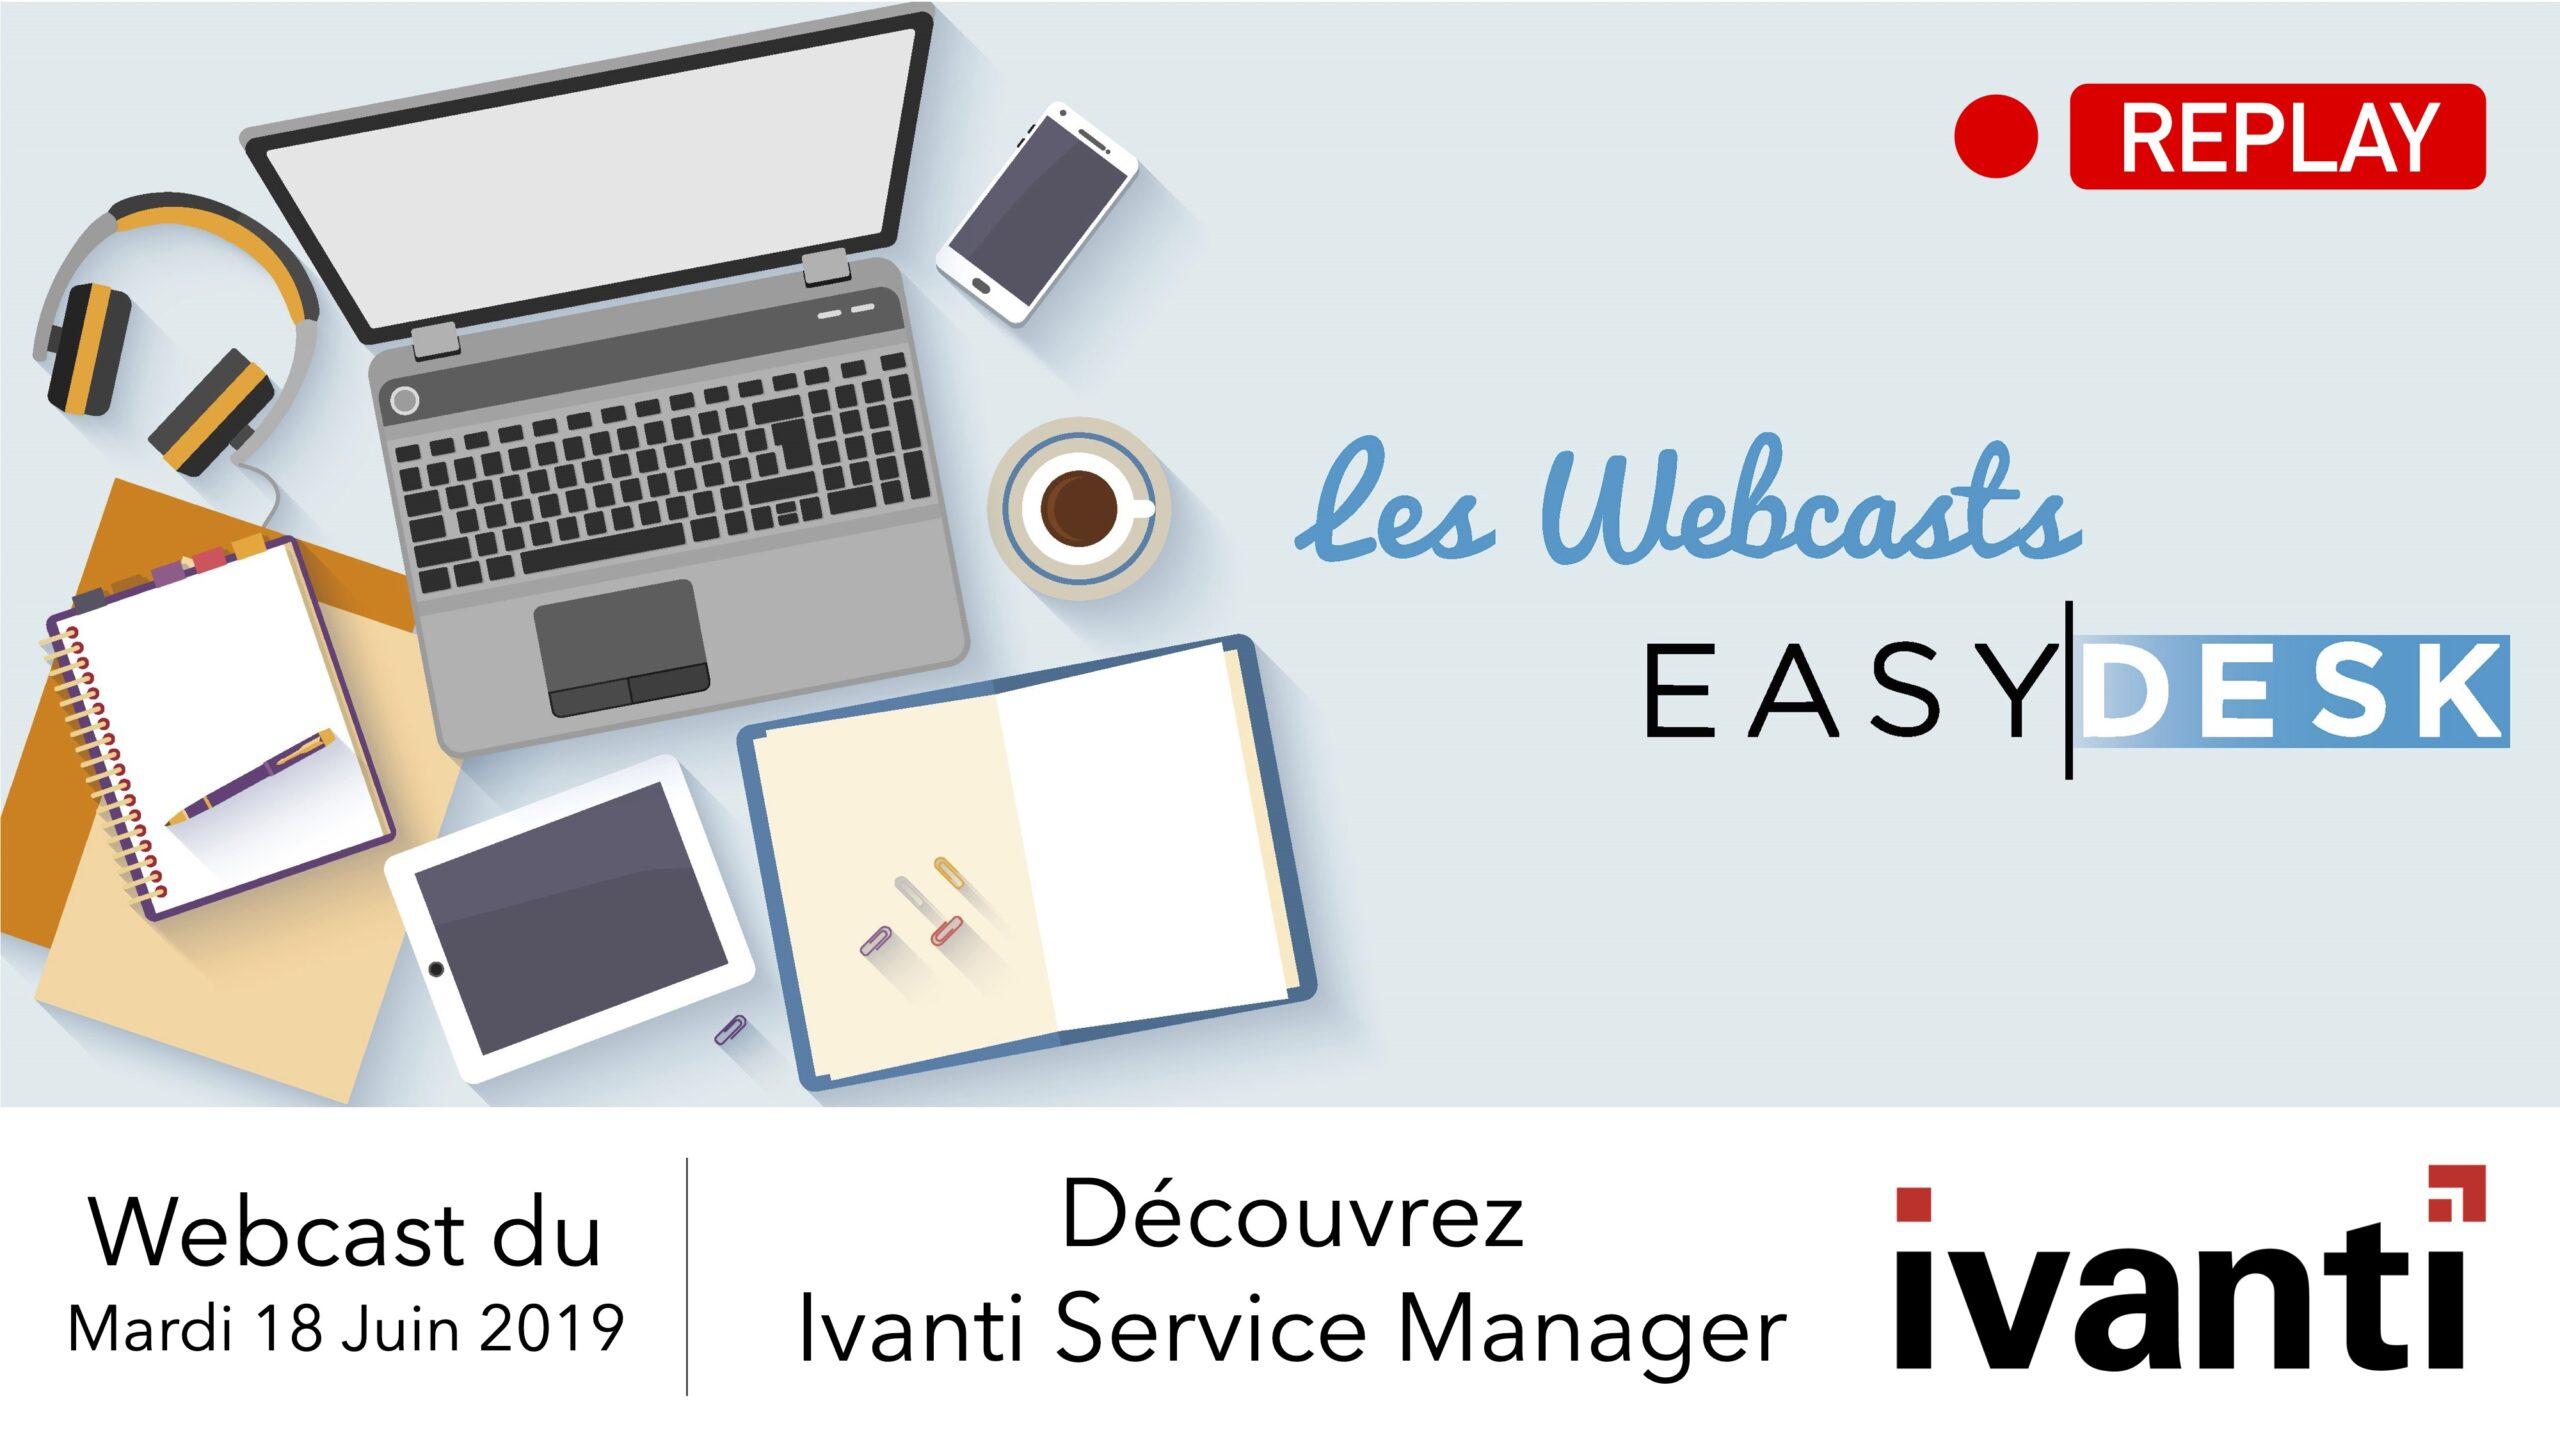 replay webcast : découvrez ivanti service manager